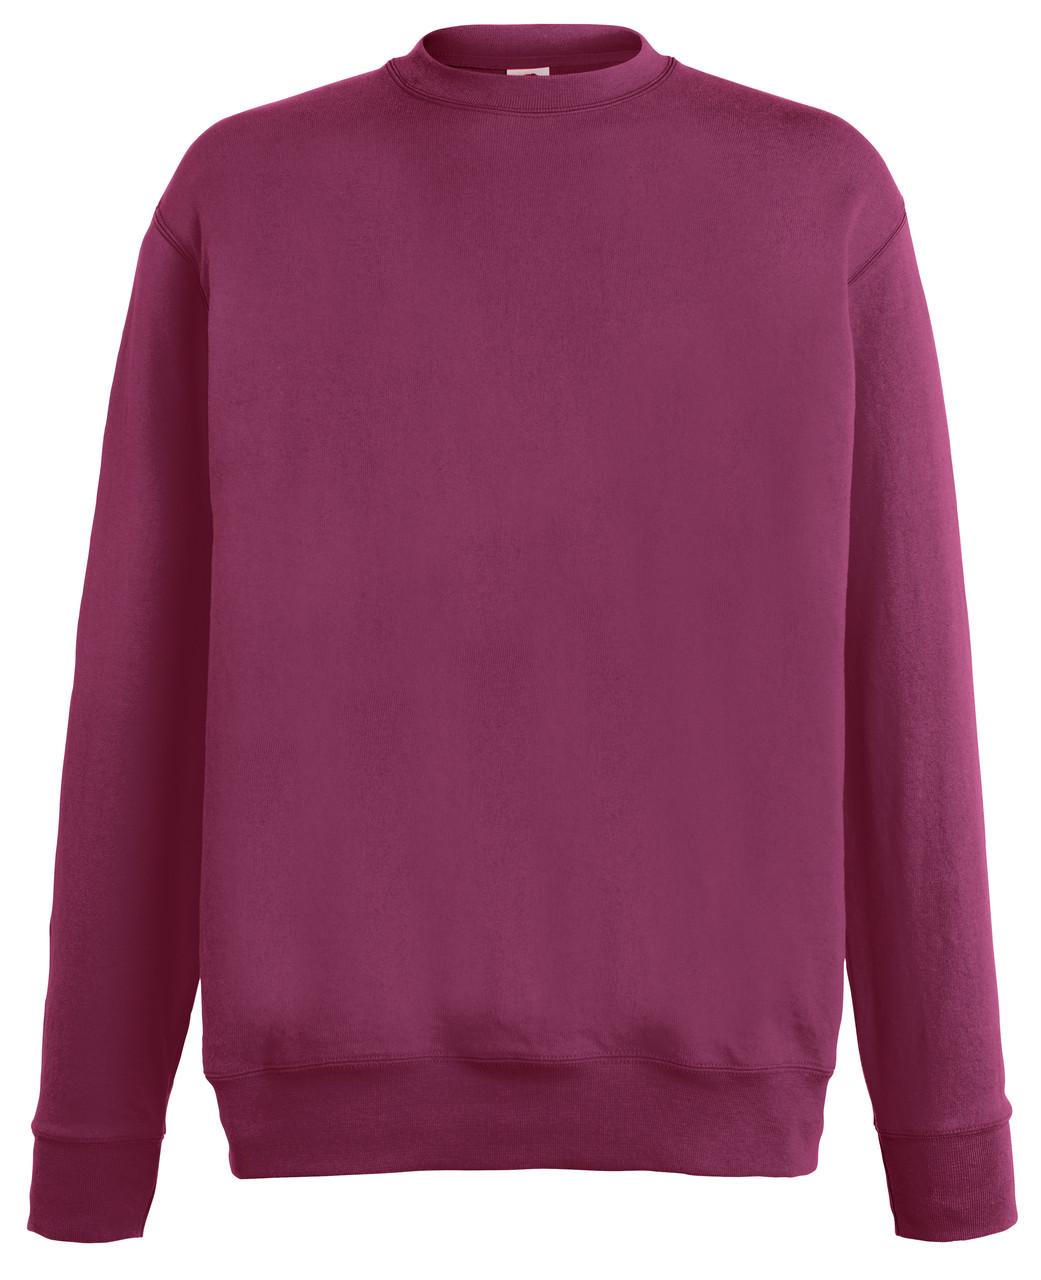 Мужской лёгкий свитер Бордовый Fruit Of The Loom  62-156-41  S